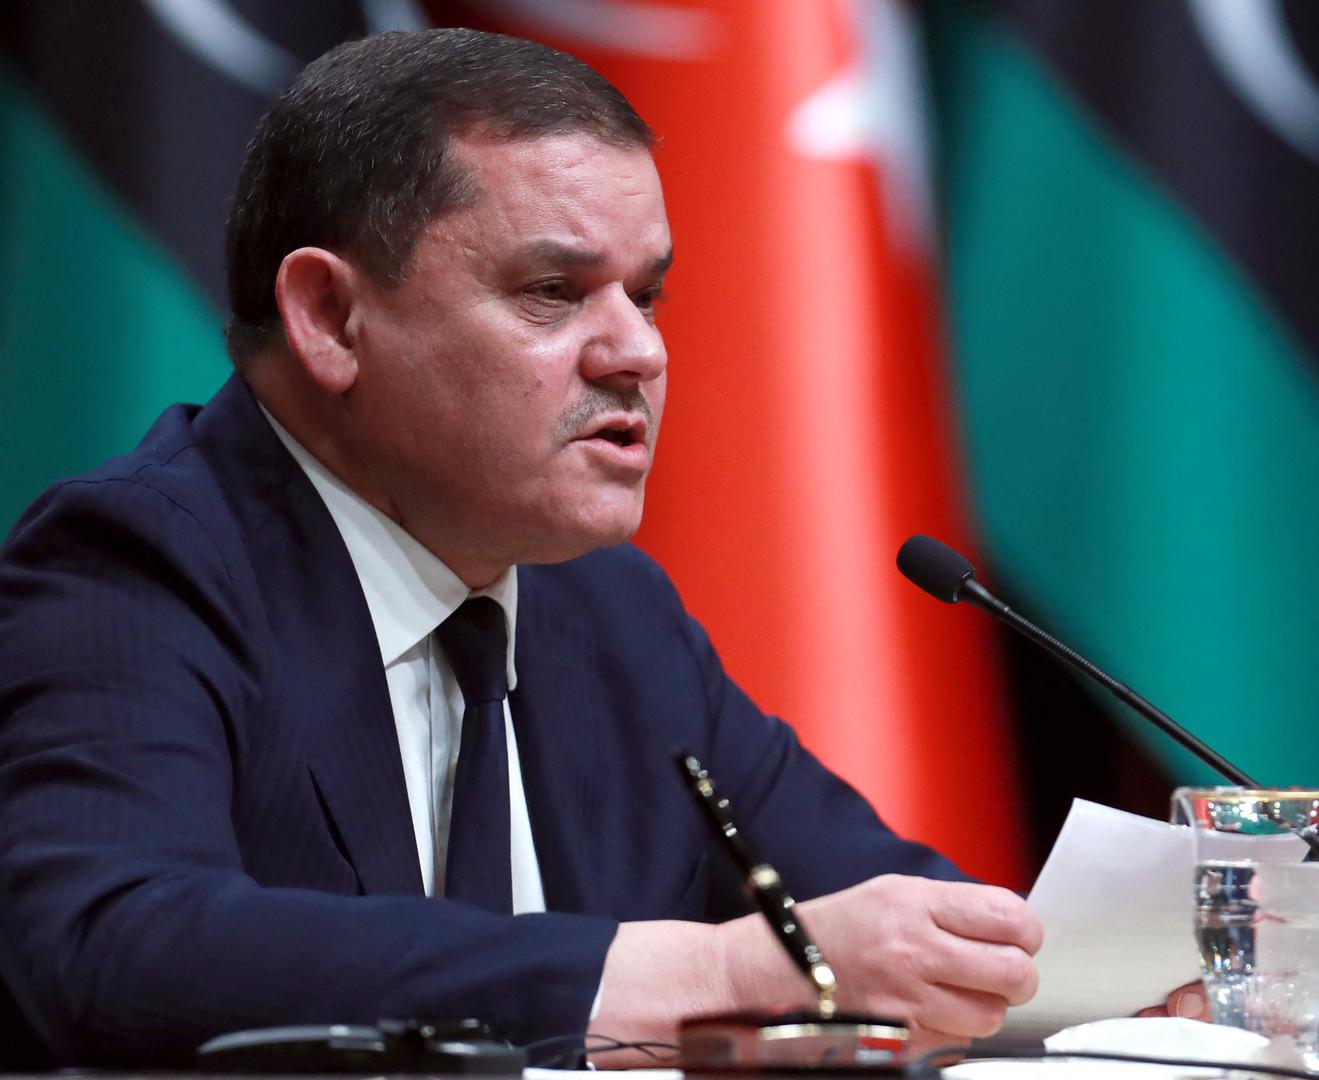 الدبيبة يخاطب أهالي مدينة بنغازي ويتحدث عن توحيد المؤسسة العسكرية